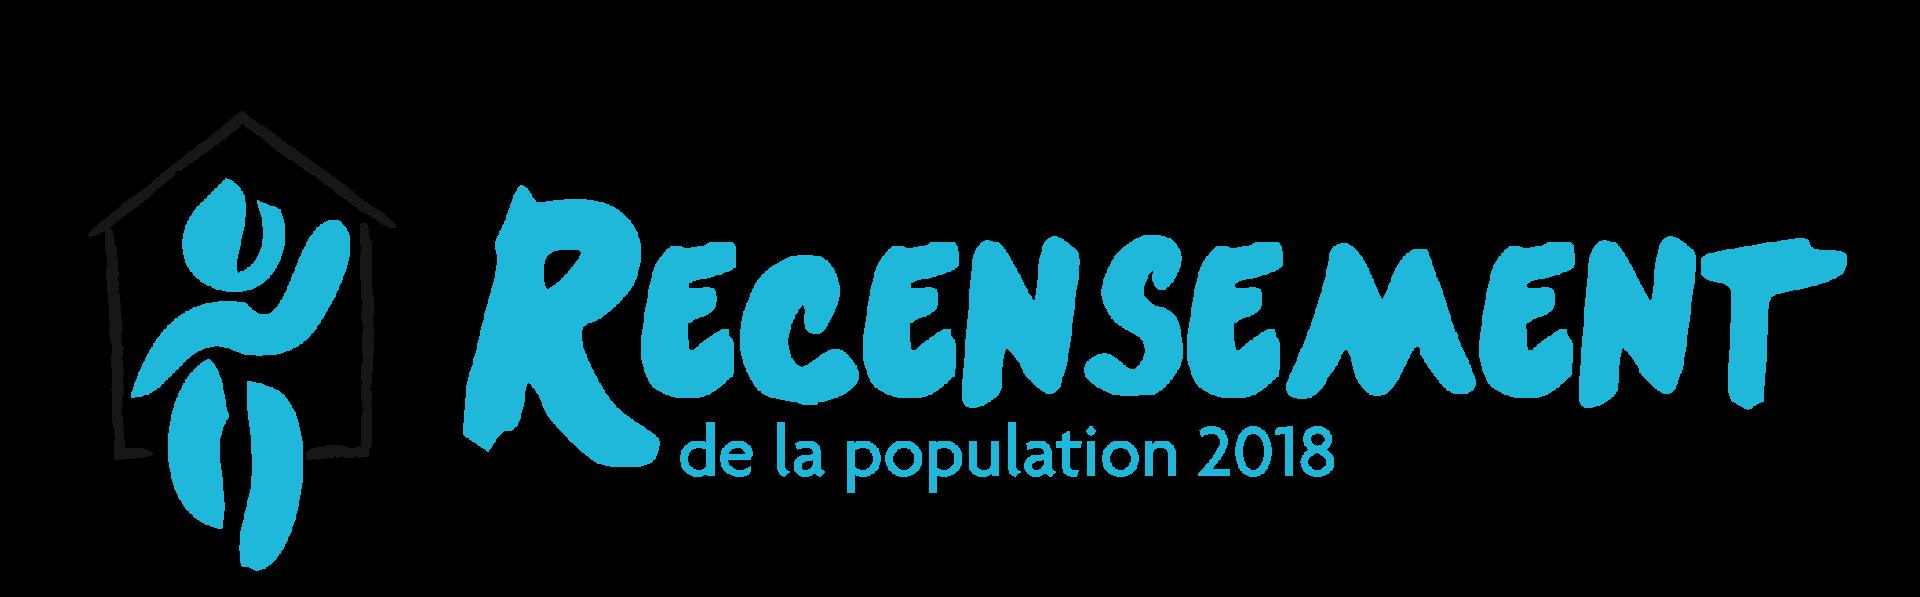 Logo rp 2018